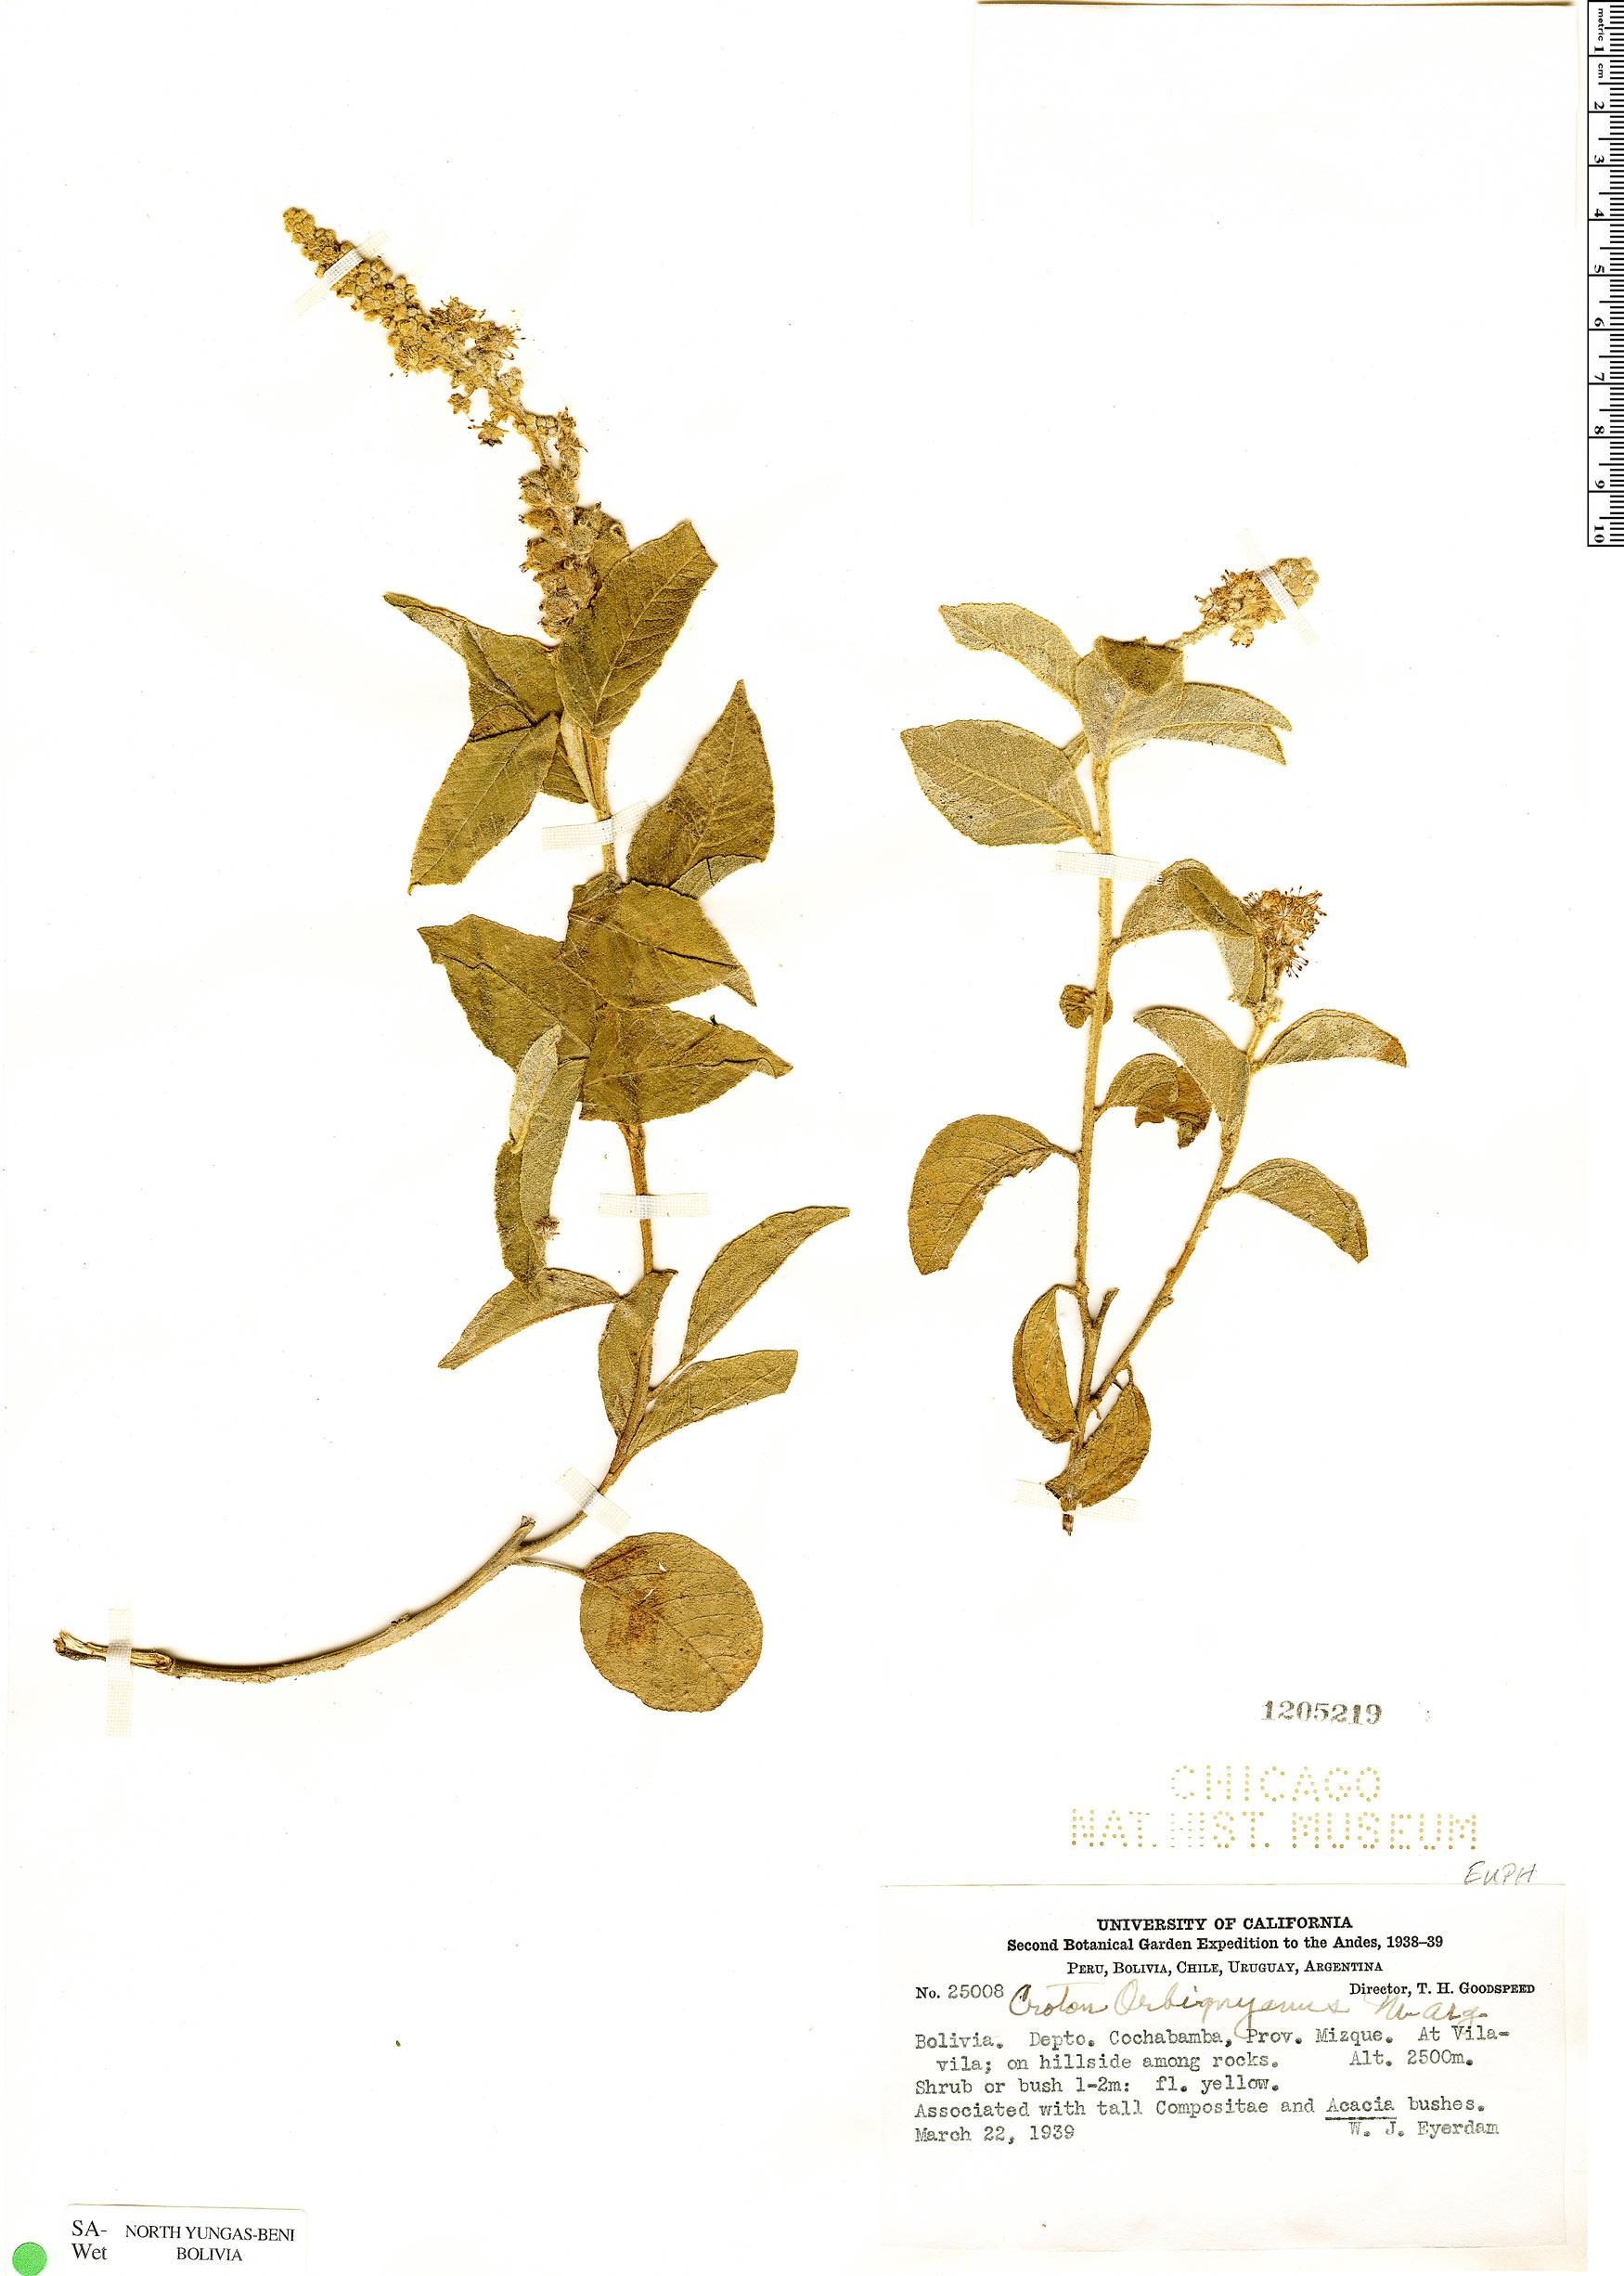 Specimen: Croton orbignyanus